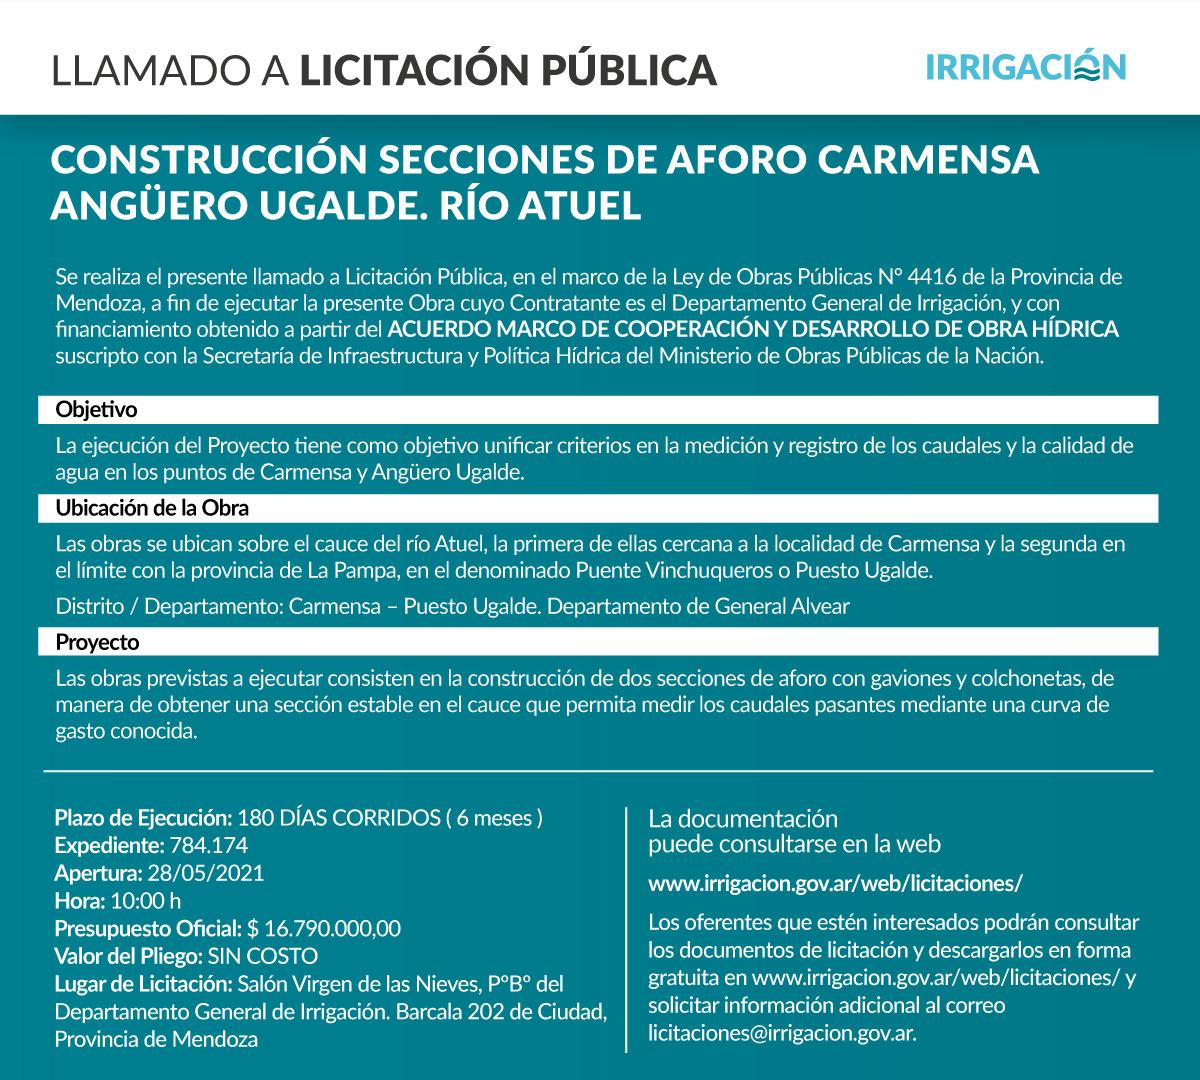 Construcción Secciones de Aforo Carmensa- Angüero Ugalde. Río Atuel